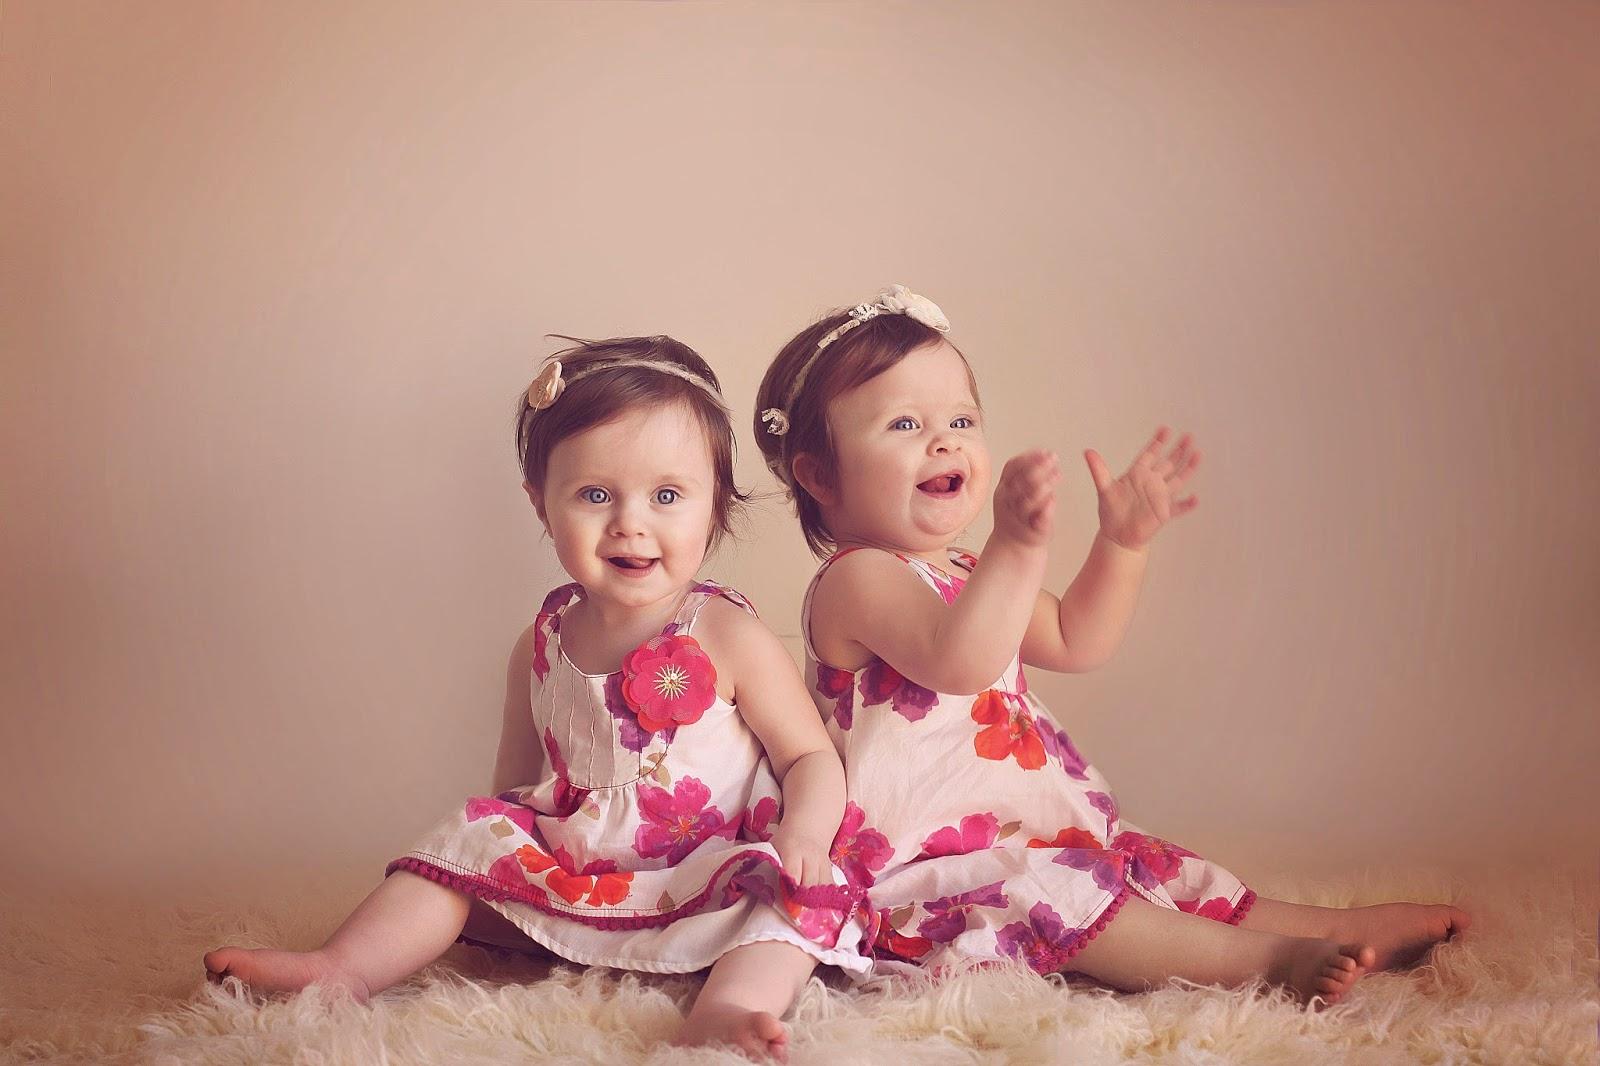 girls wallpaper 2015: twin girls baby hd wallpapers 2015 cute twin